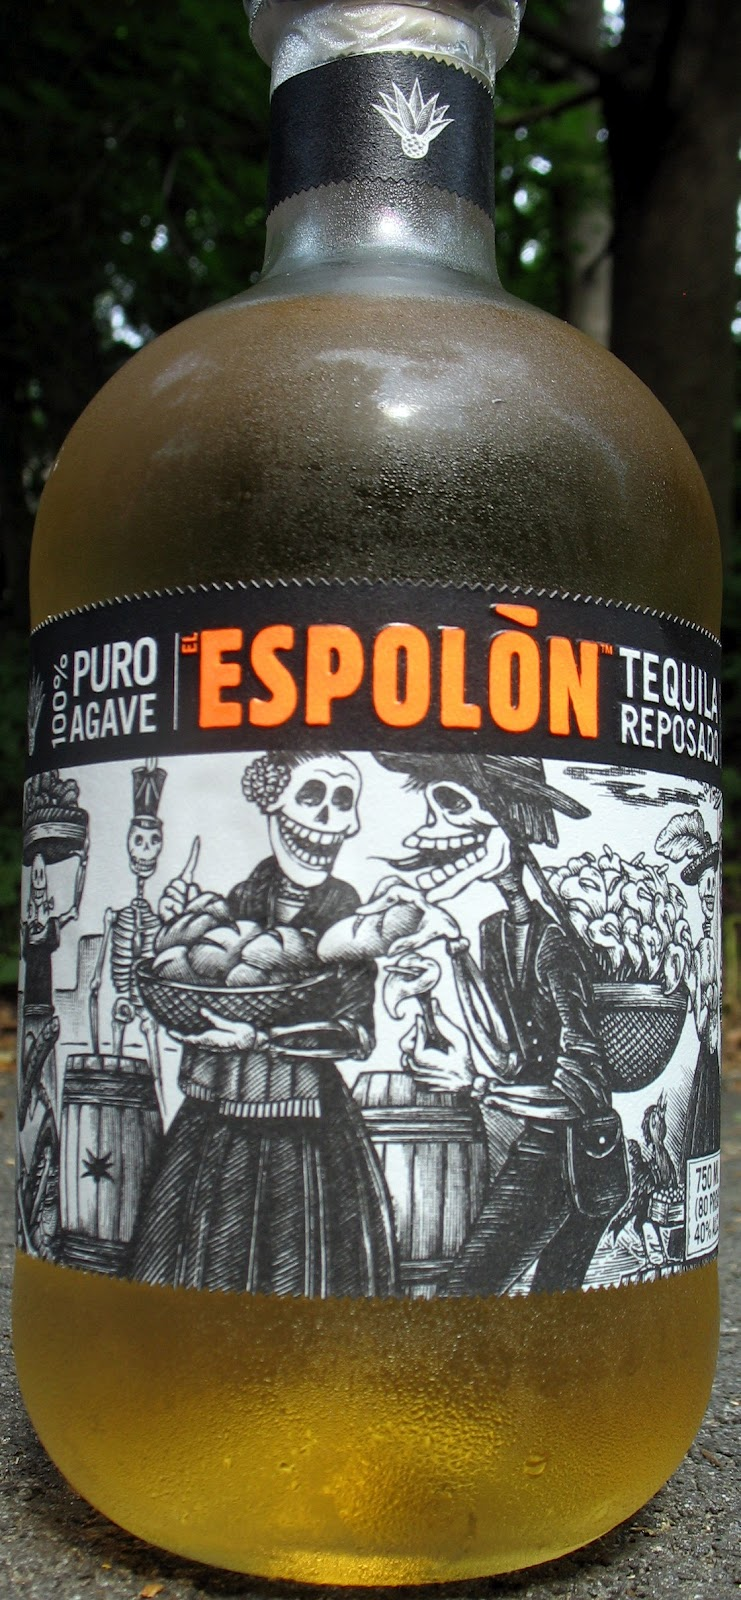 espolon tequila reposado